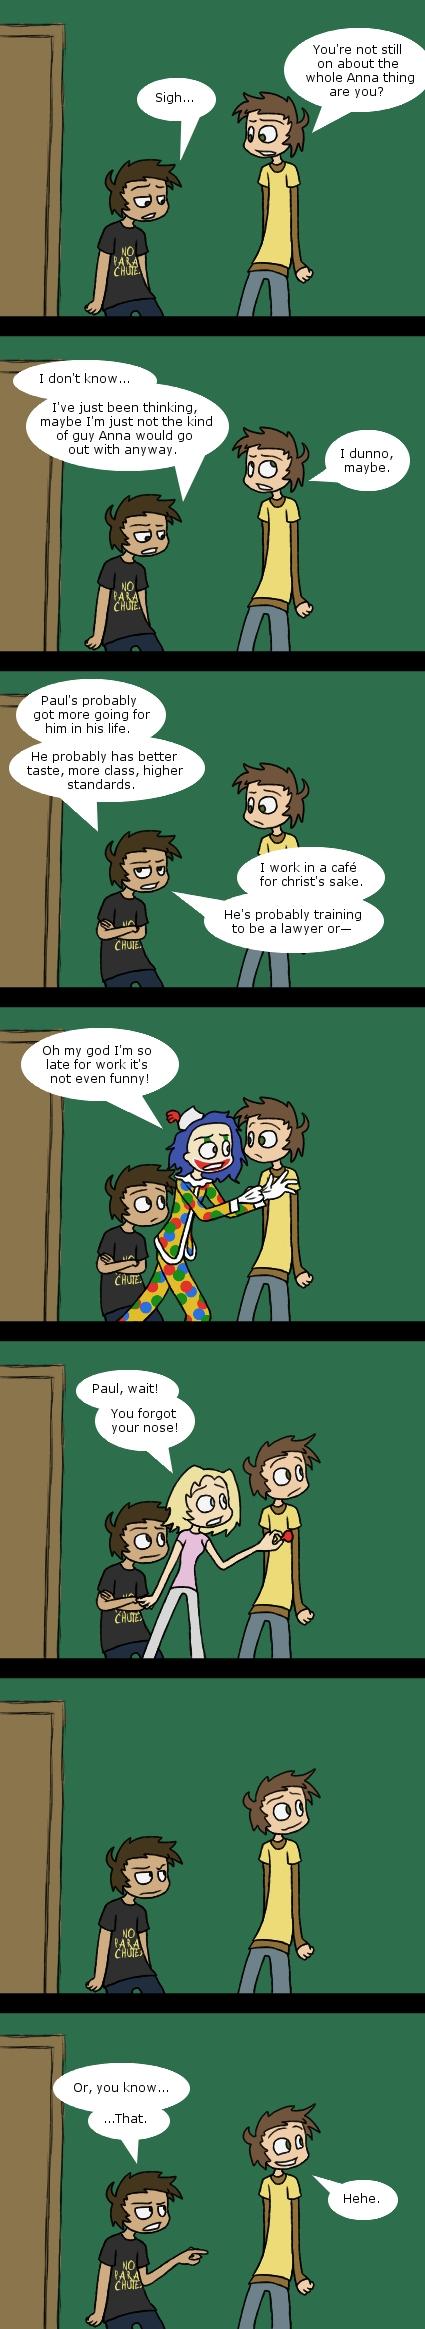 0050: Just Clowning Around